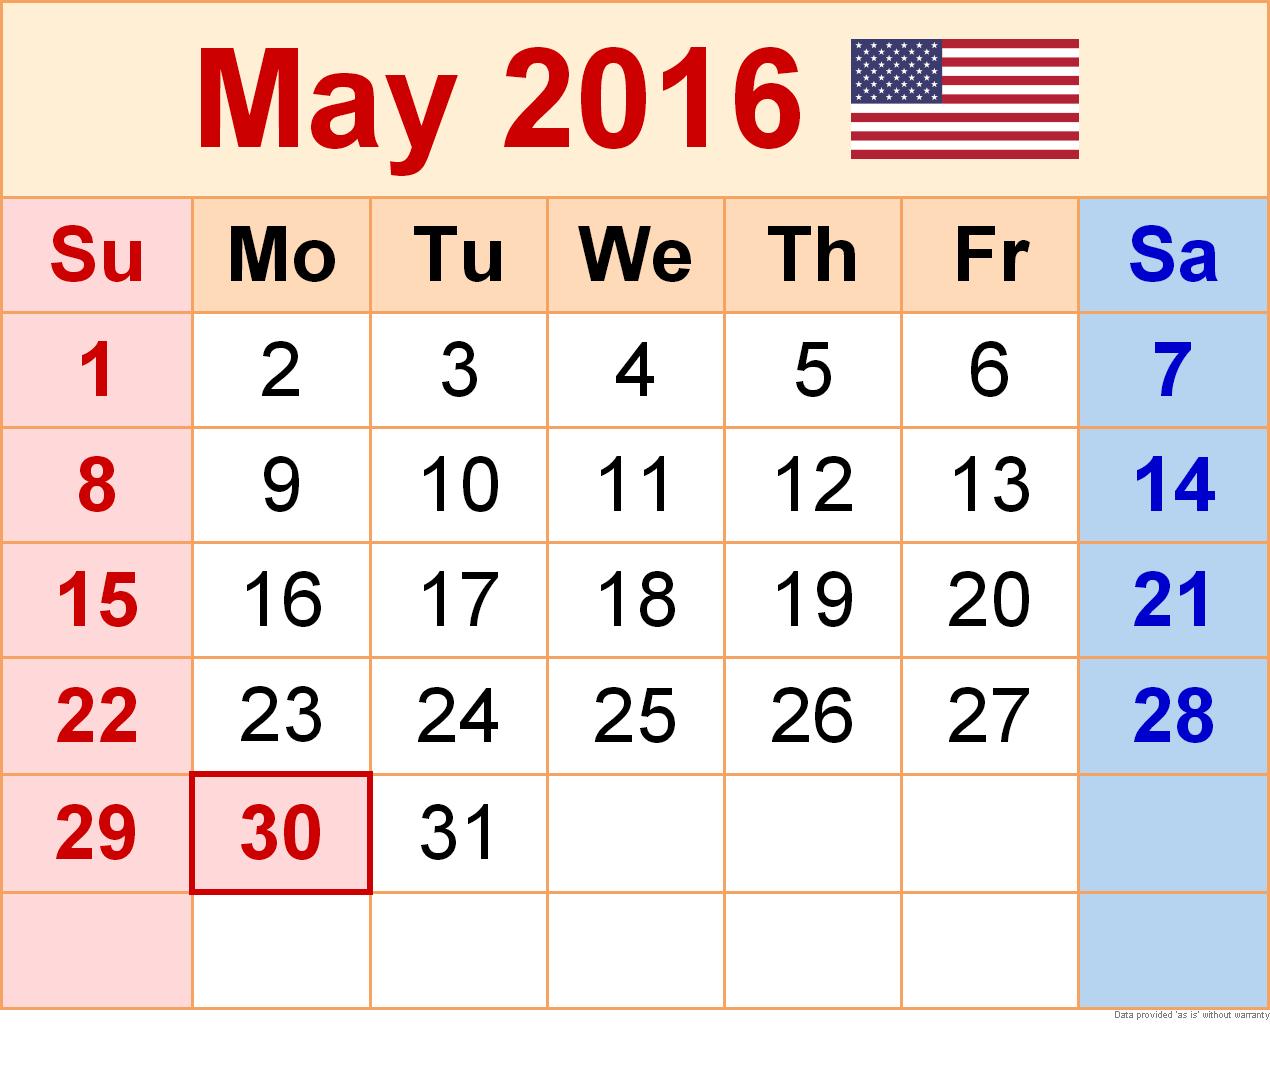 May 2016 calendar clipart svg royalty free May 2016 Blank Printable Calendar svg royalty free